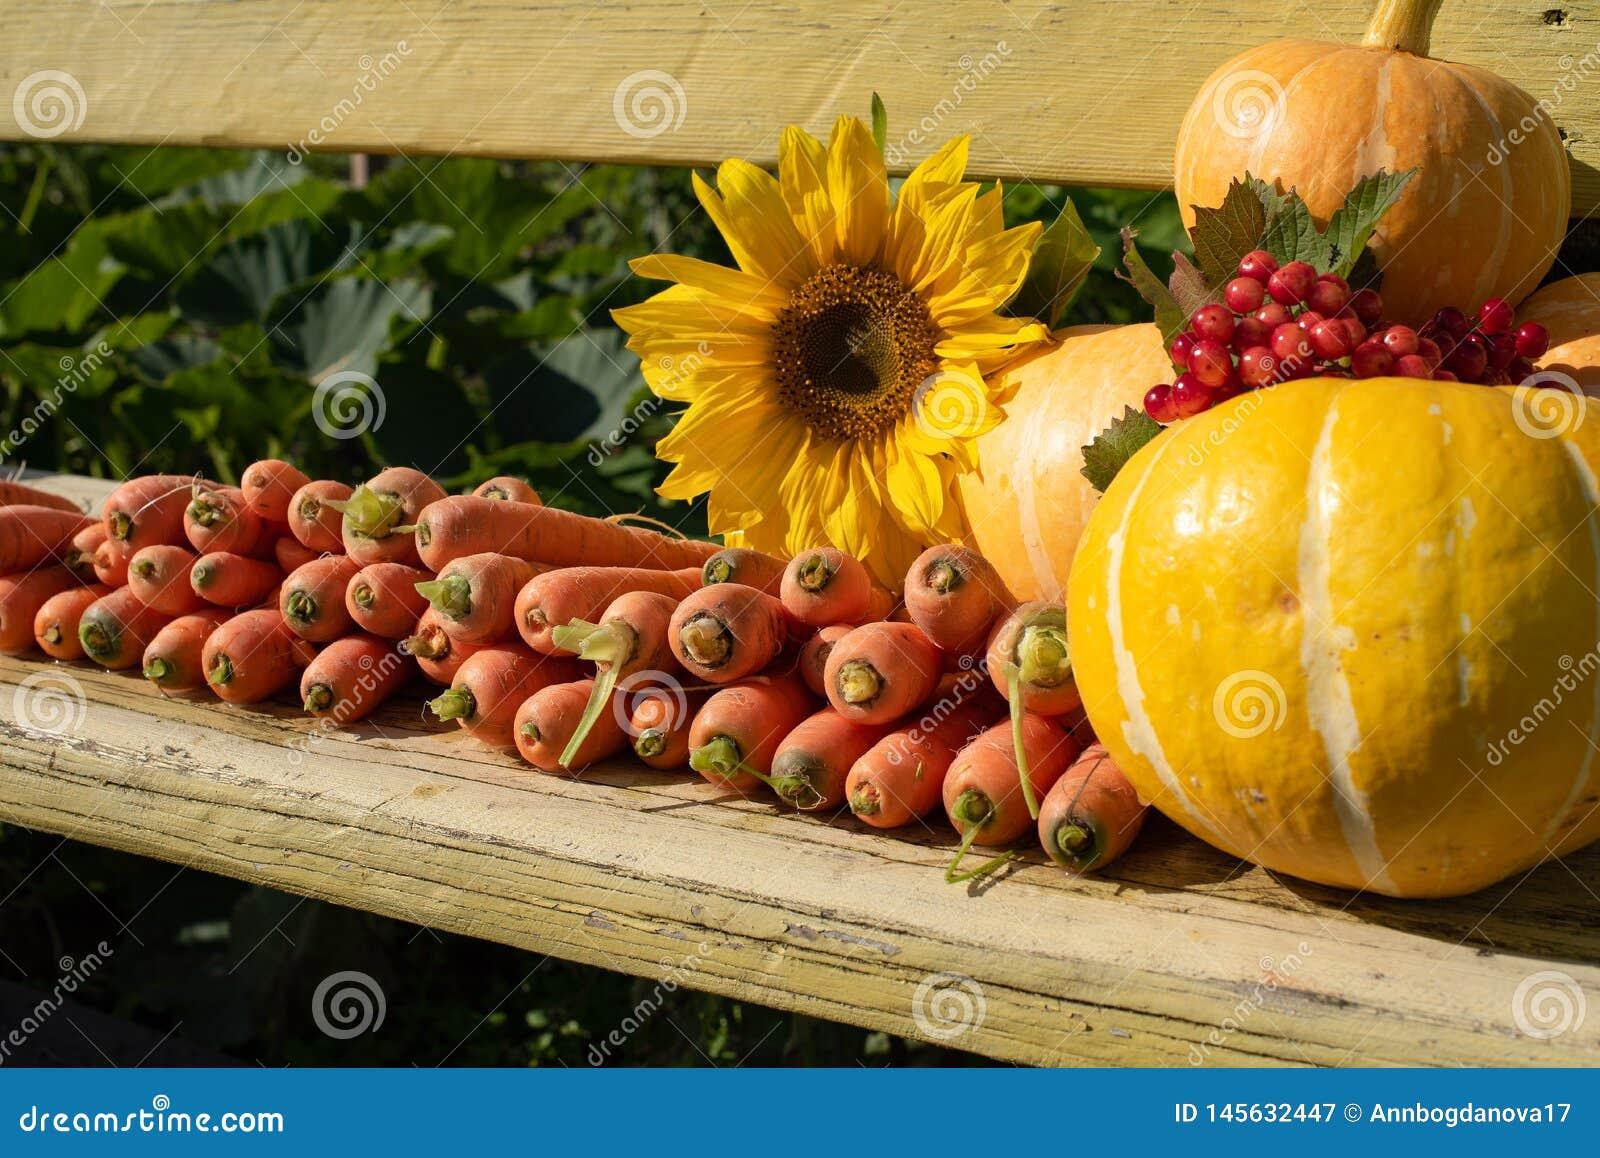 Una cosecha de verduras frescas miente en un banco en el aire abierto